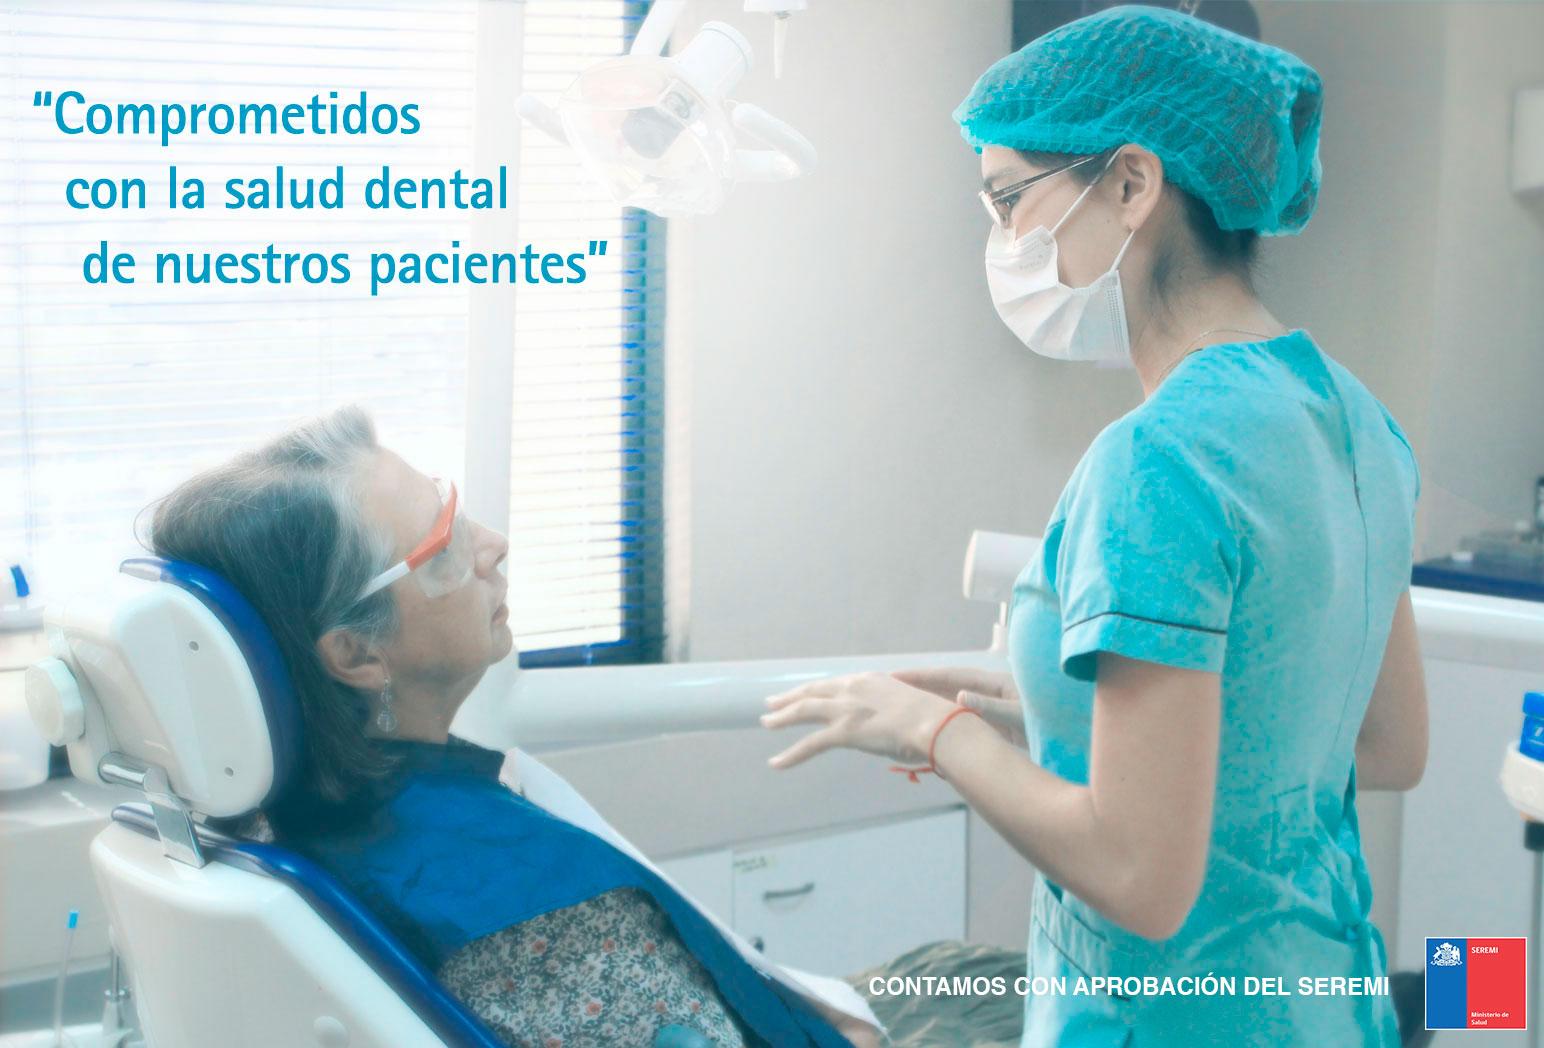 Comprometidos con la salud dental de nuestros clientes